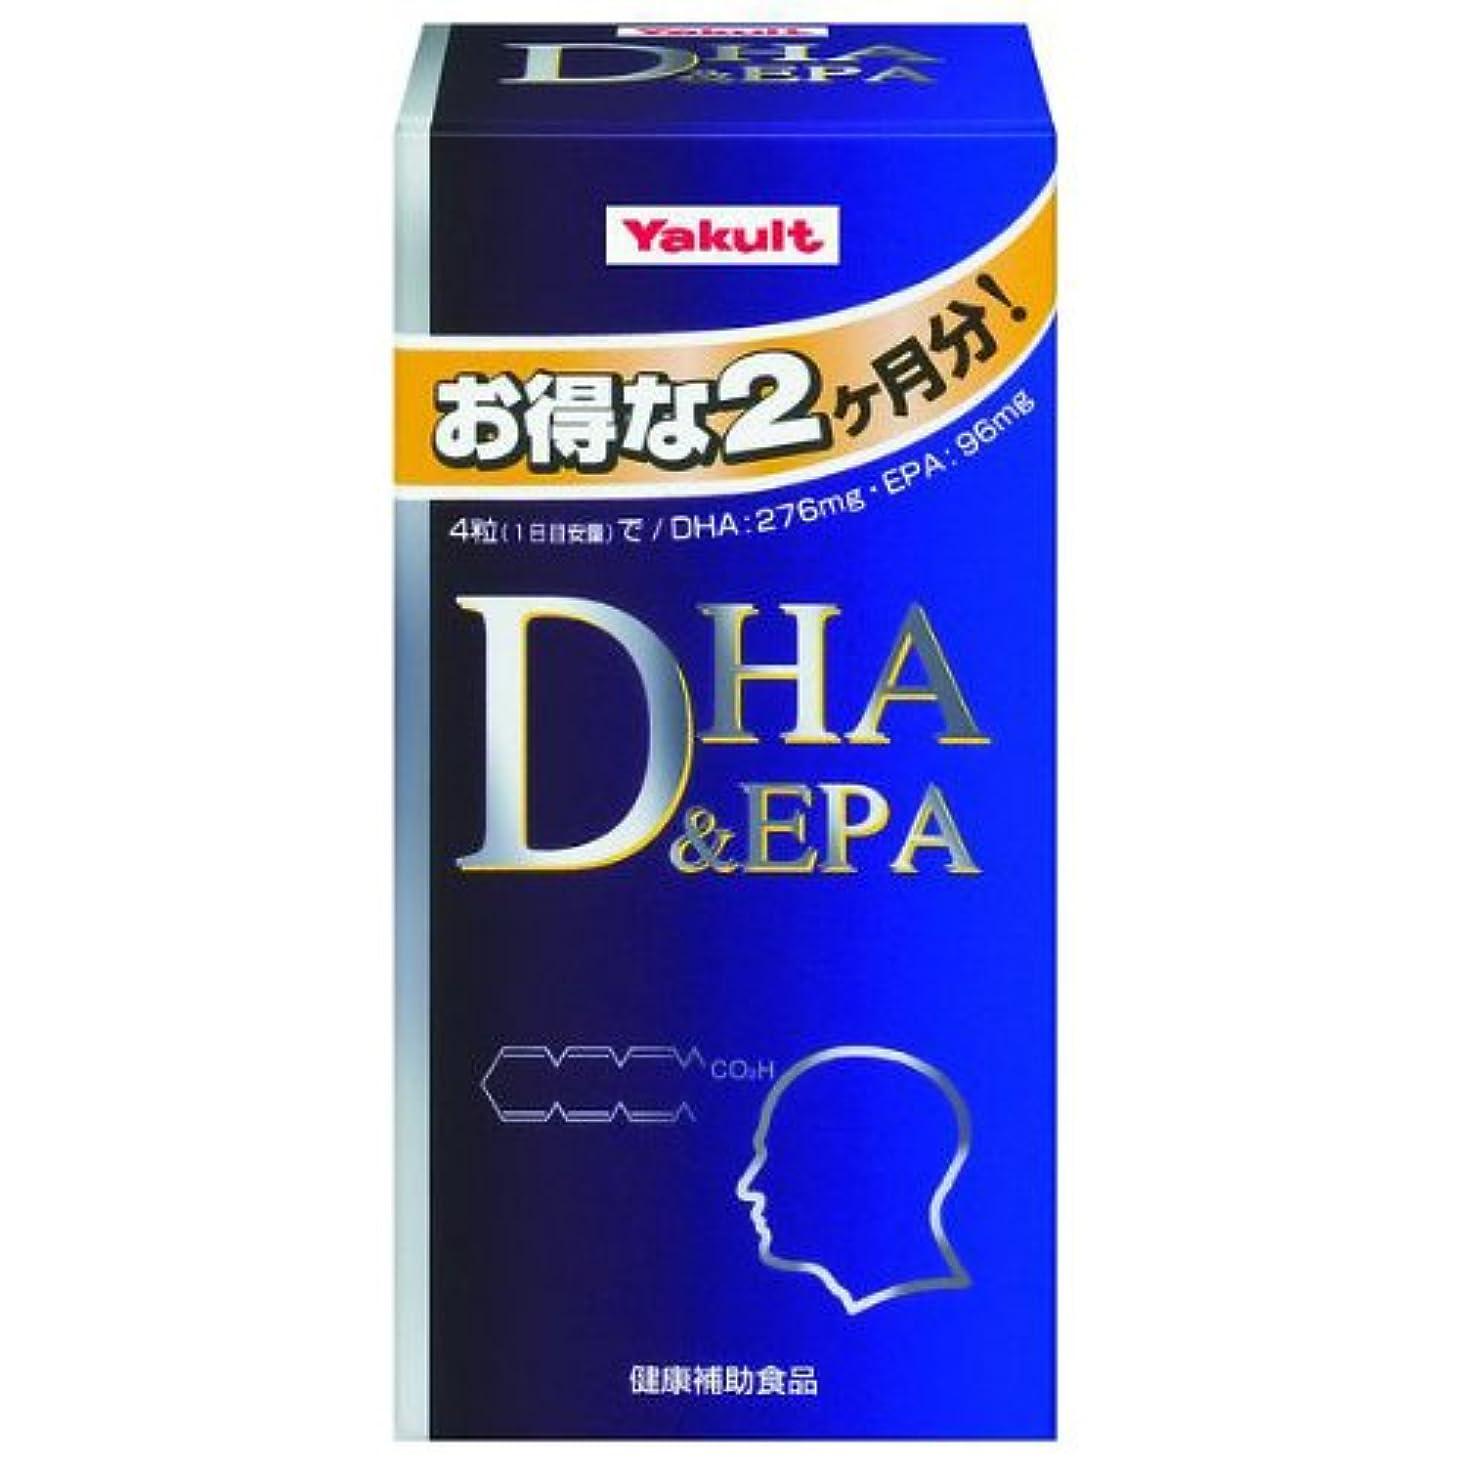 有限ラメ無駄なDHA&EPA 240粒